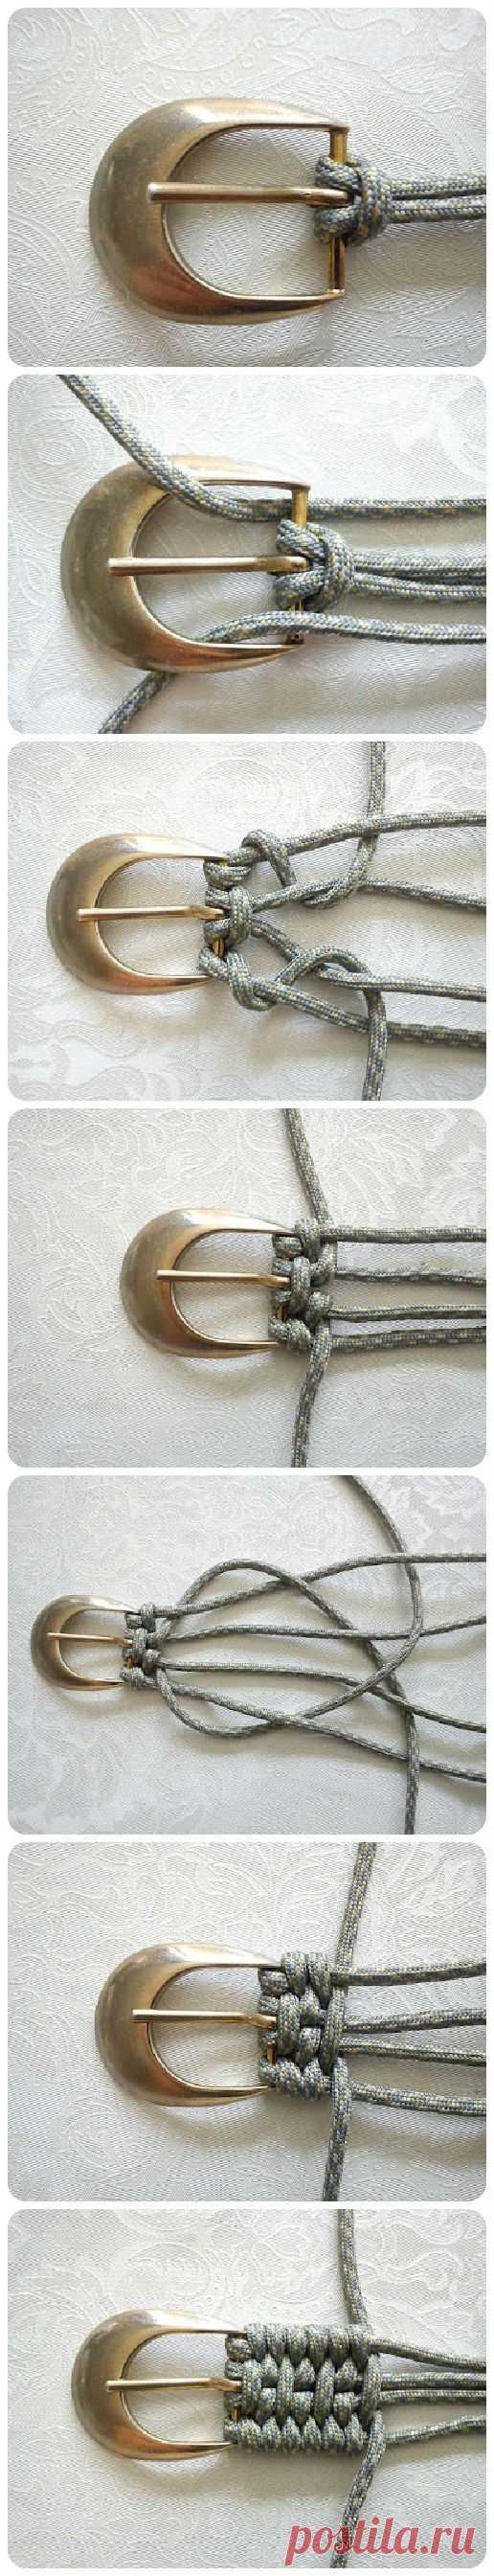 Как сплести ремень (Diy) Модная одежда и дизайн интерьера своими руками